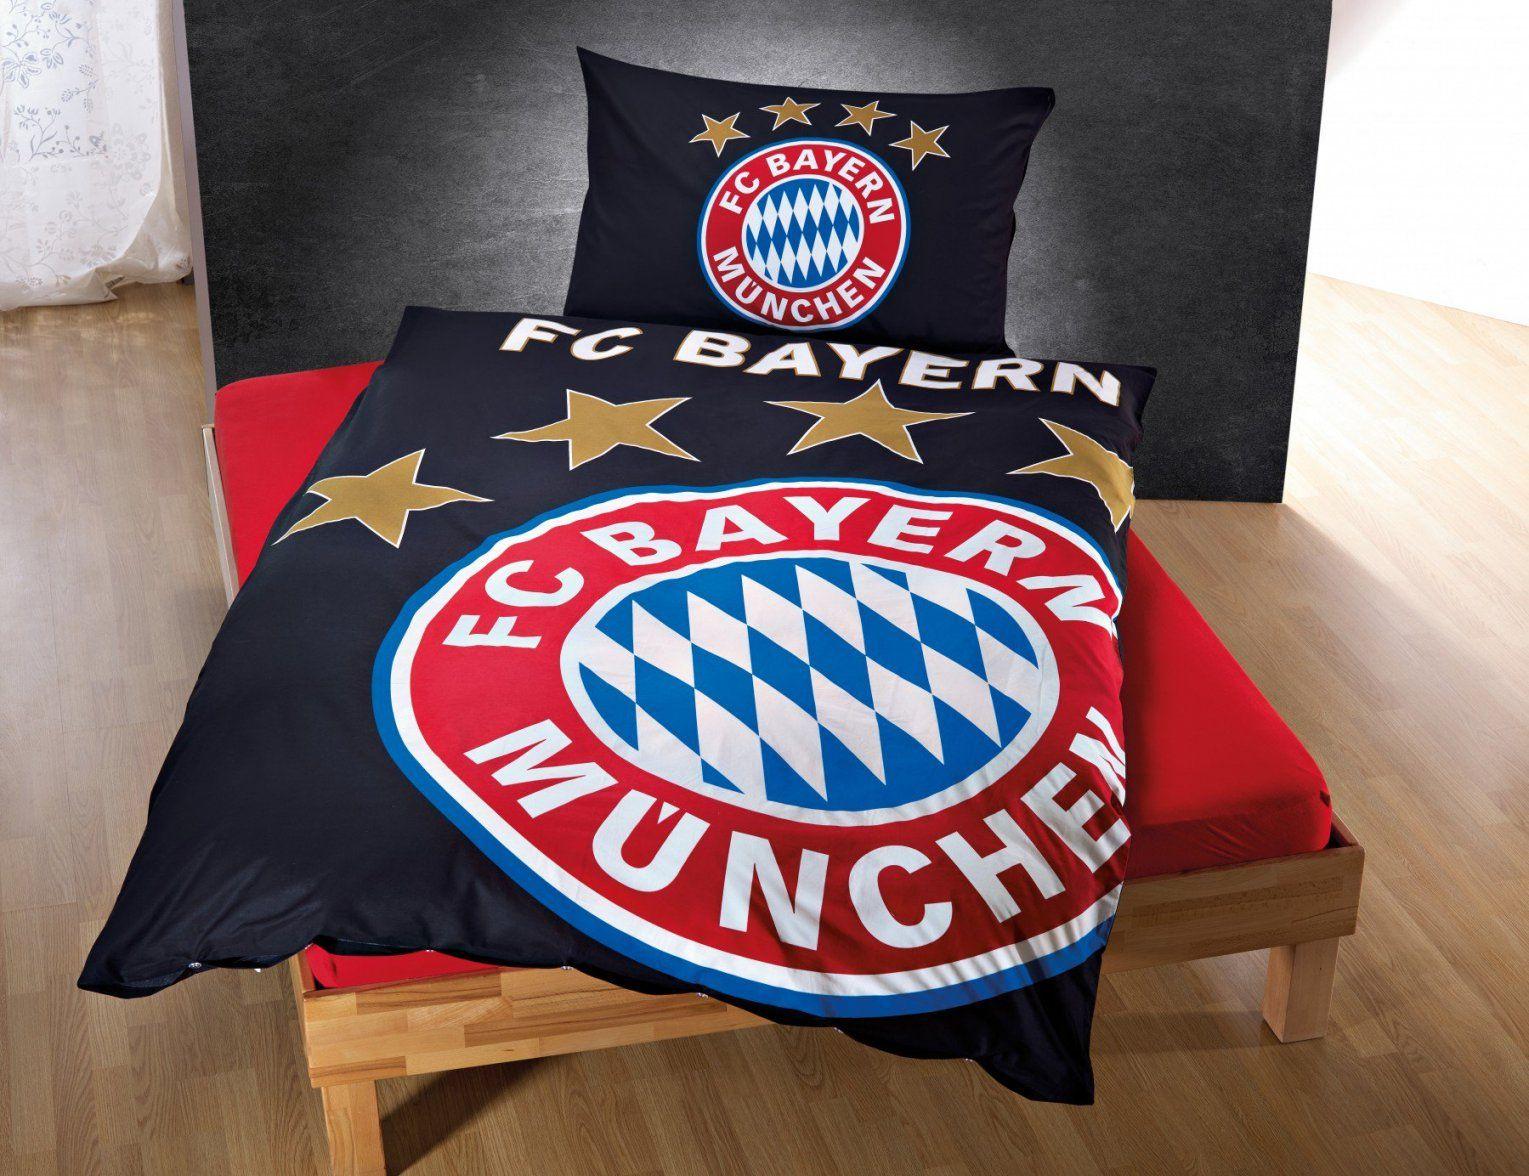 Fc Bayern München Bettwäsche Leuchtet Im Dunkeln Günstig ⋆ Lehner von Fc Bayern Bettwäsche Günstig Photo